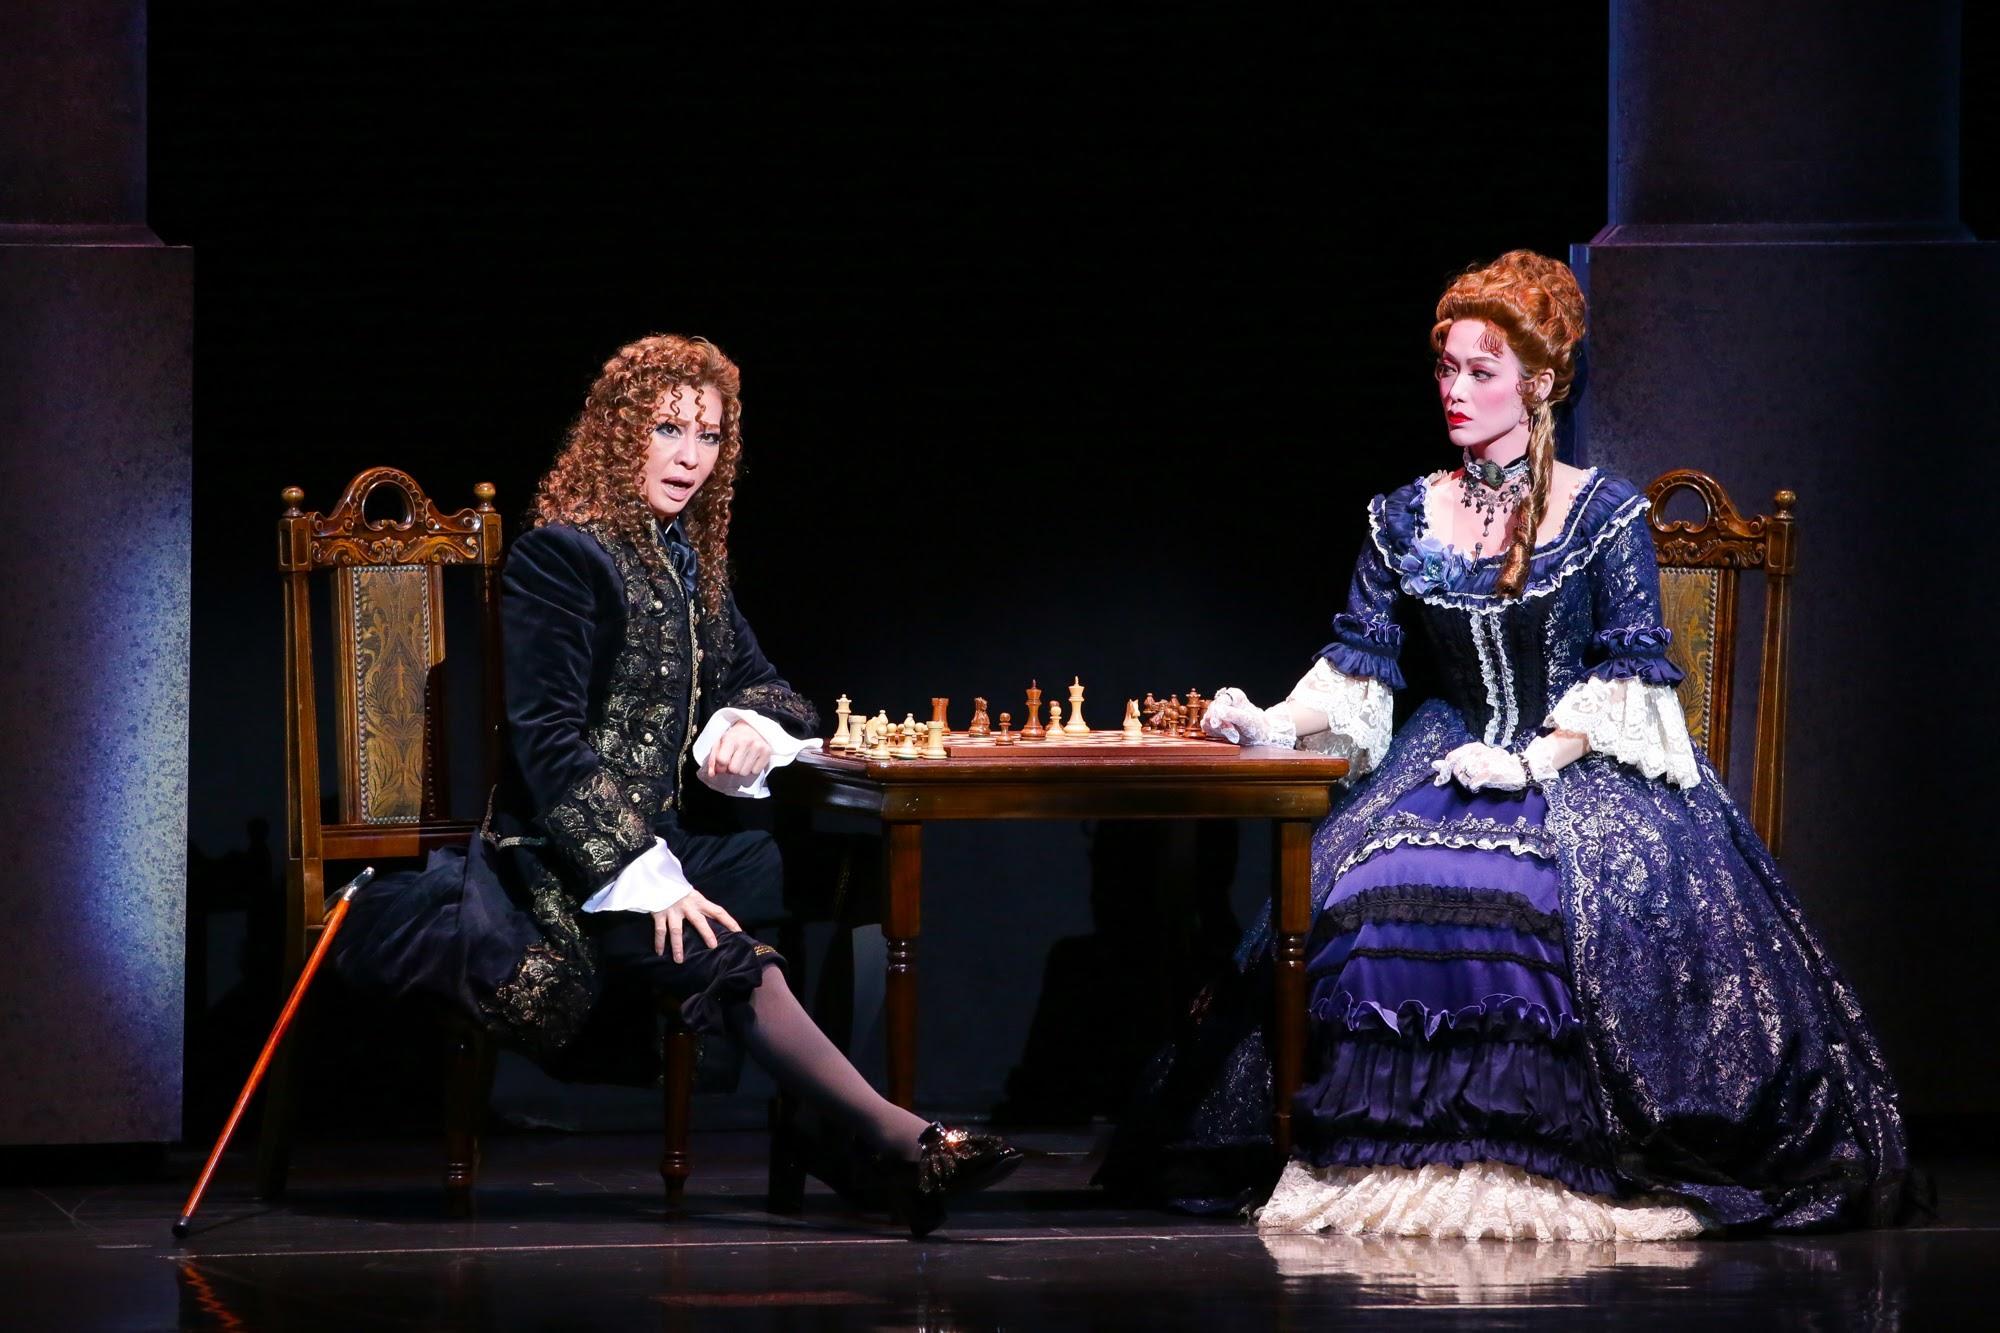 左から、タレーラン(夏美よう)とマノン・ロラン夫人(彩凪翔) (c)宝塚歌劇団